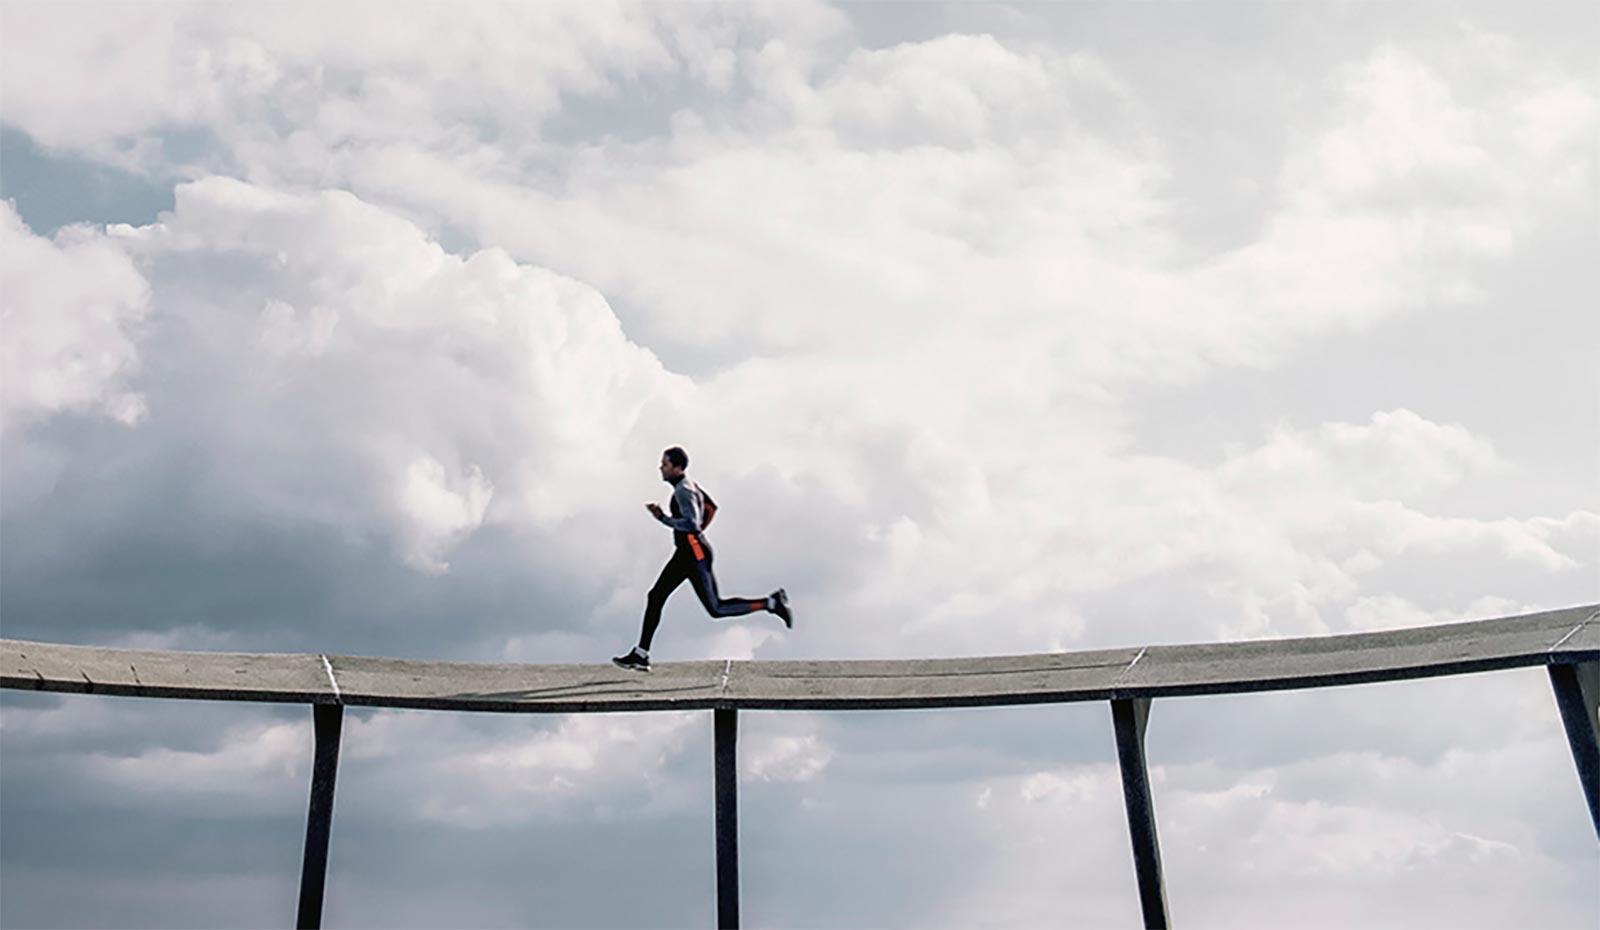 Athlete running on sky bridge